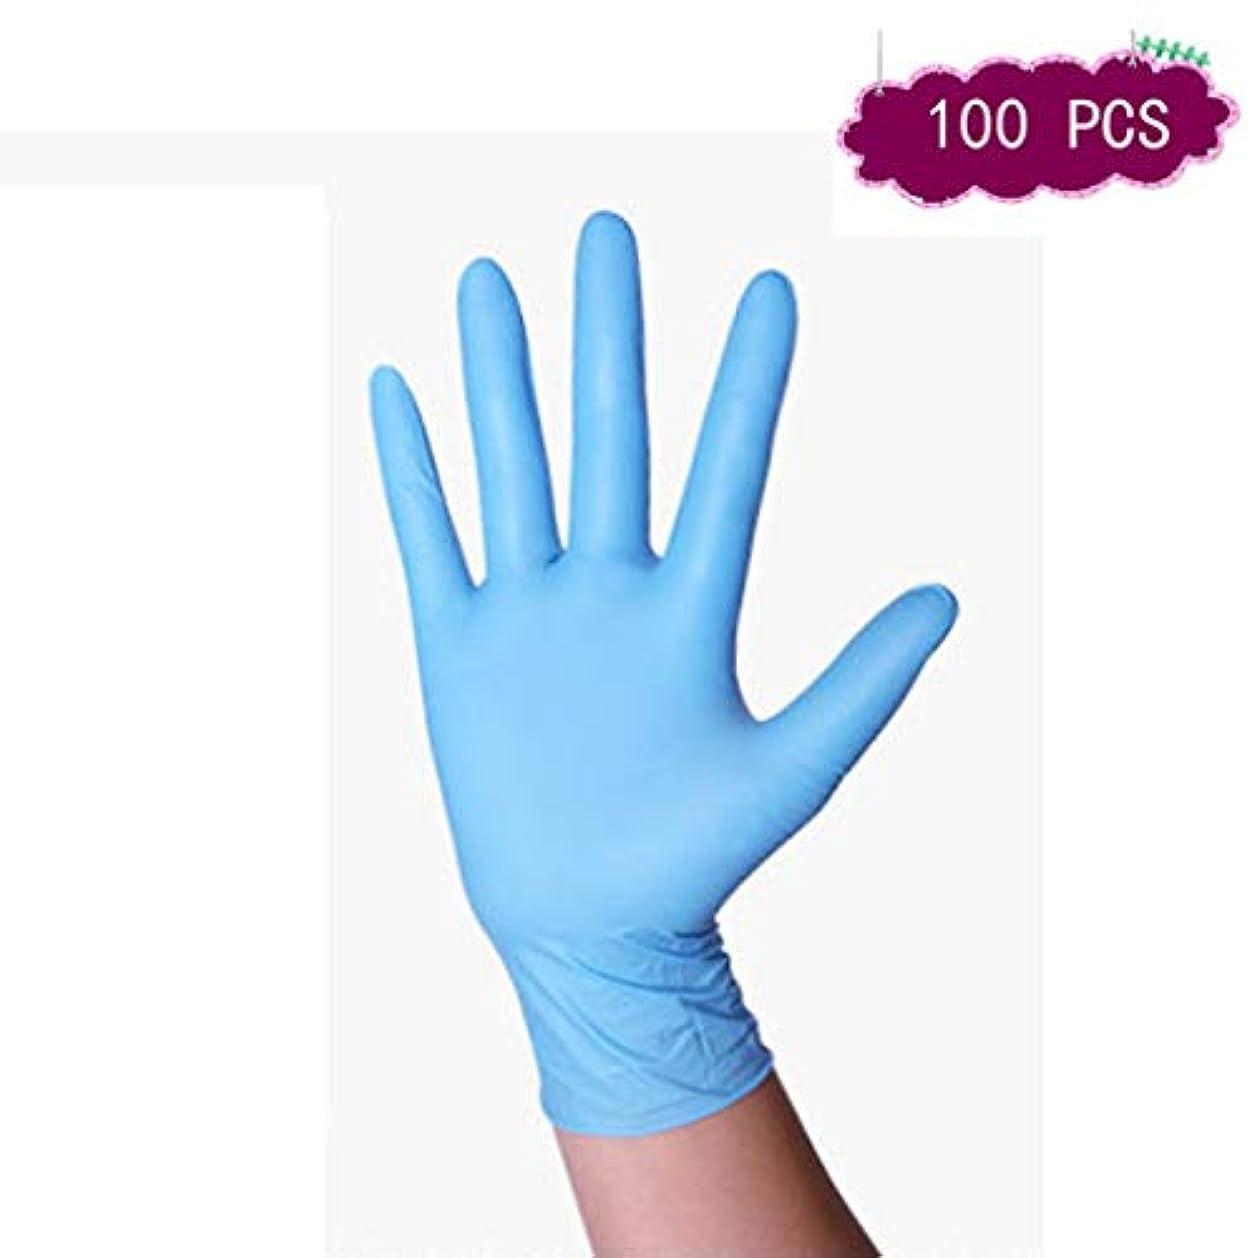 またロッド是正する使い捨てラテックス手袋ニトリルパウダーフリーの耐久性のある青の保護食品研究所のスキッド手袋なしパウダー (Color : 9 inch, Size : L)